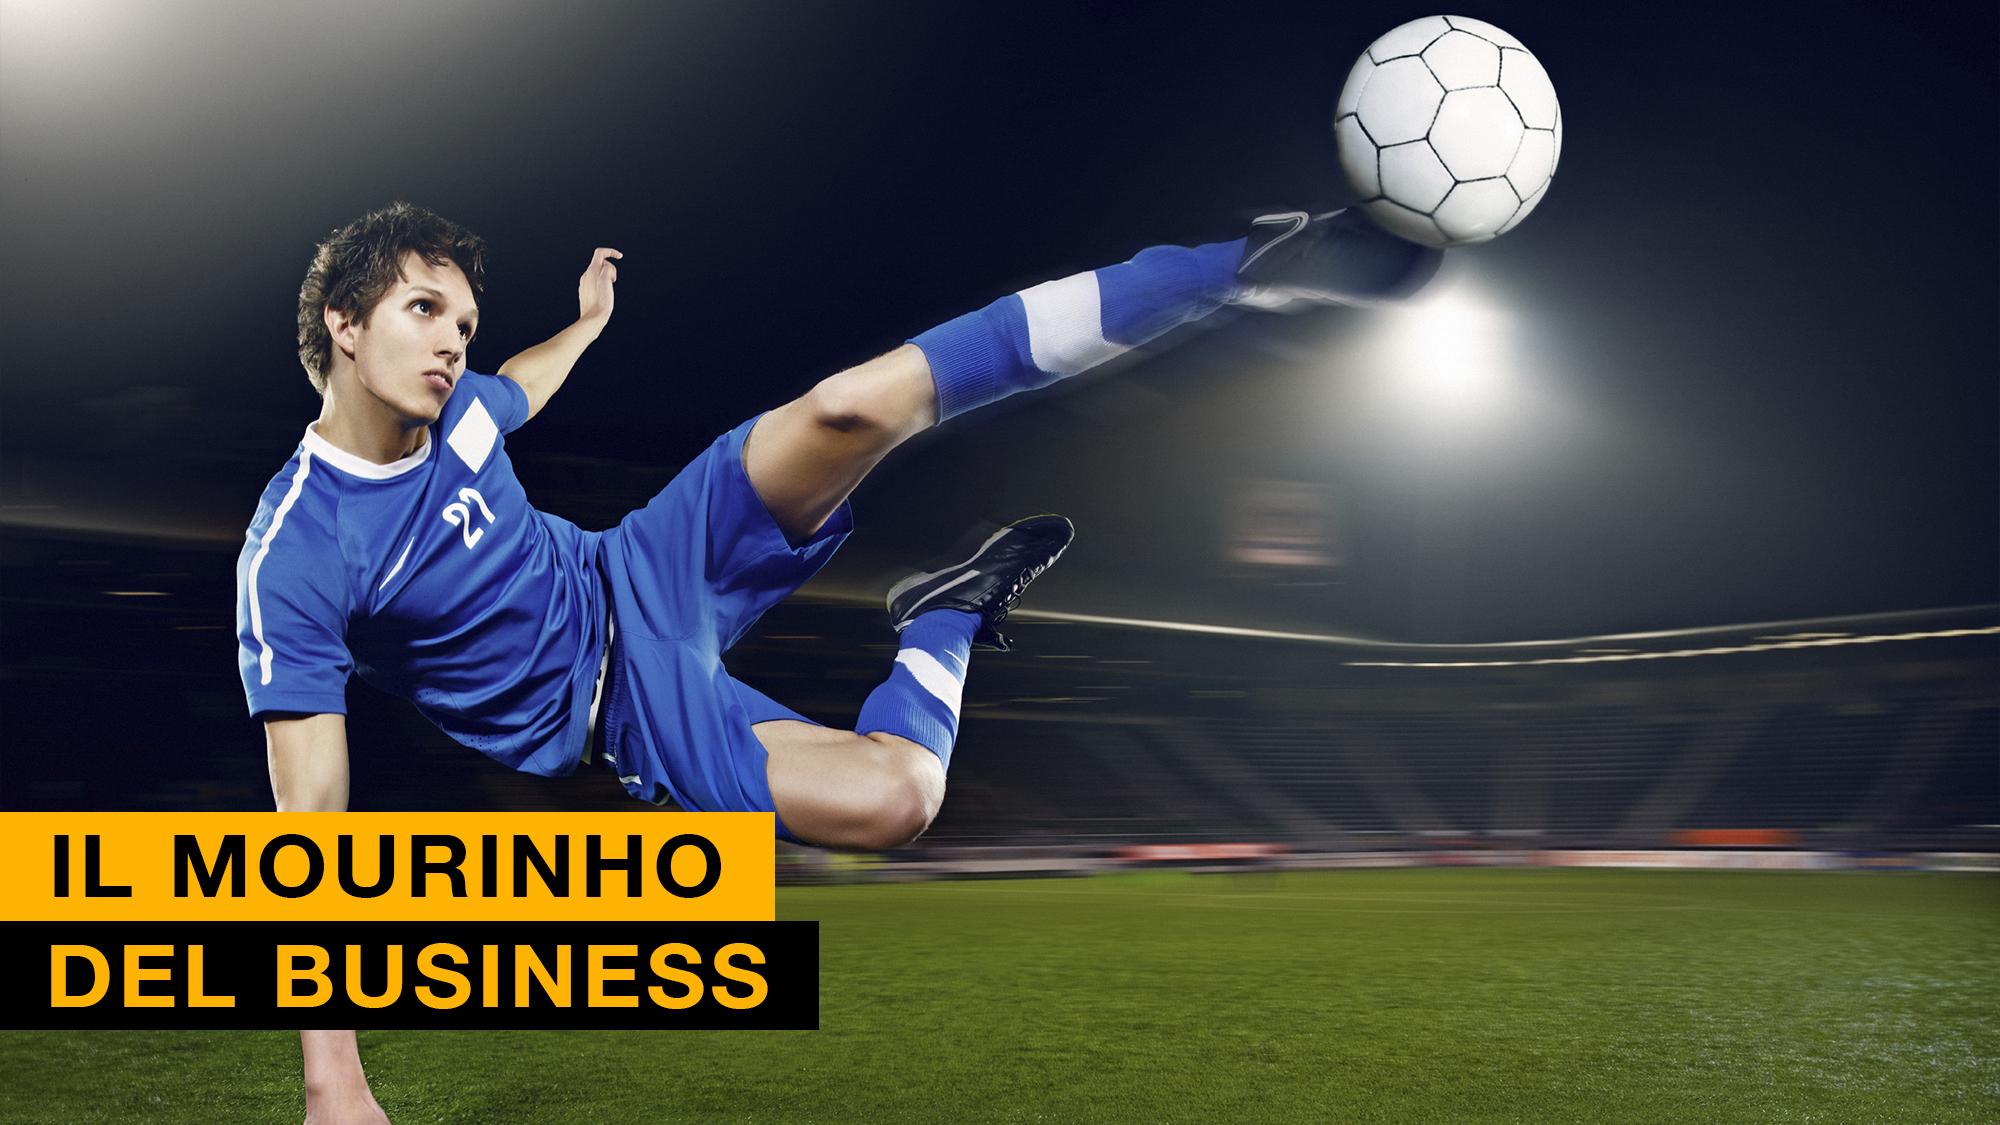 Mourinho Business